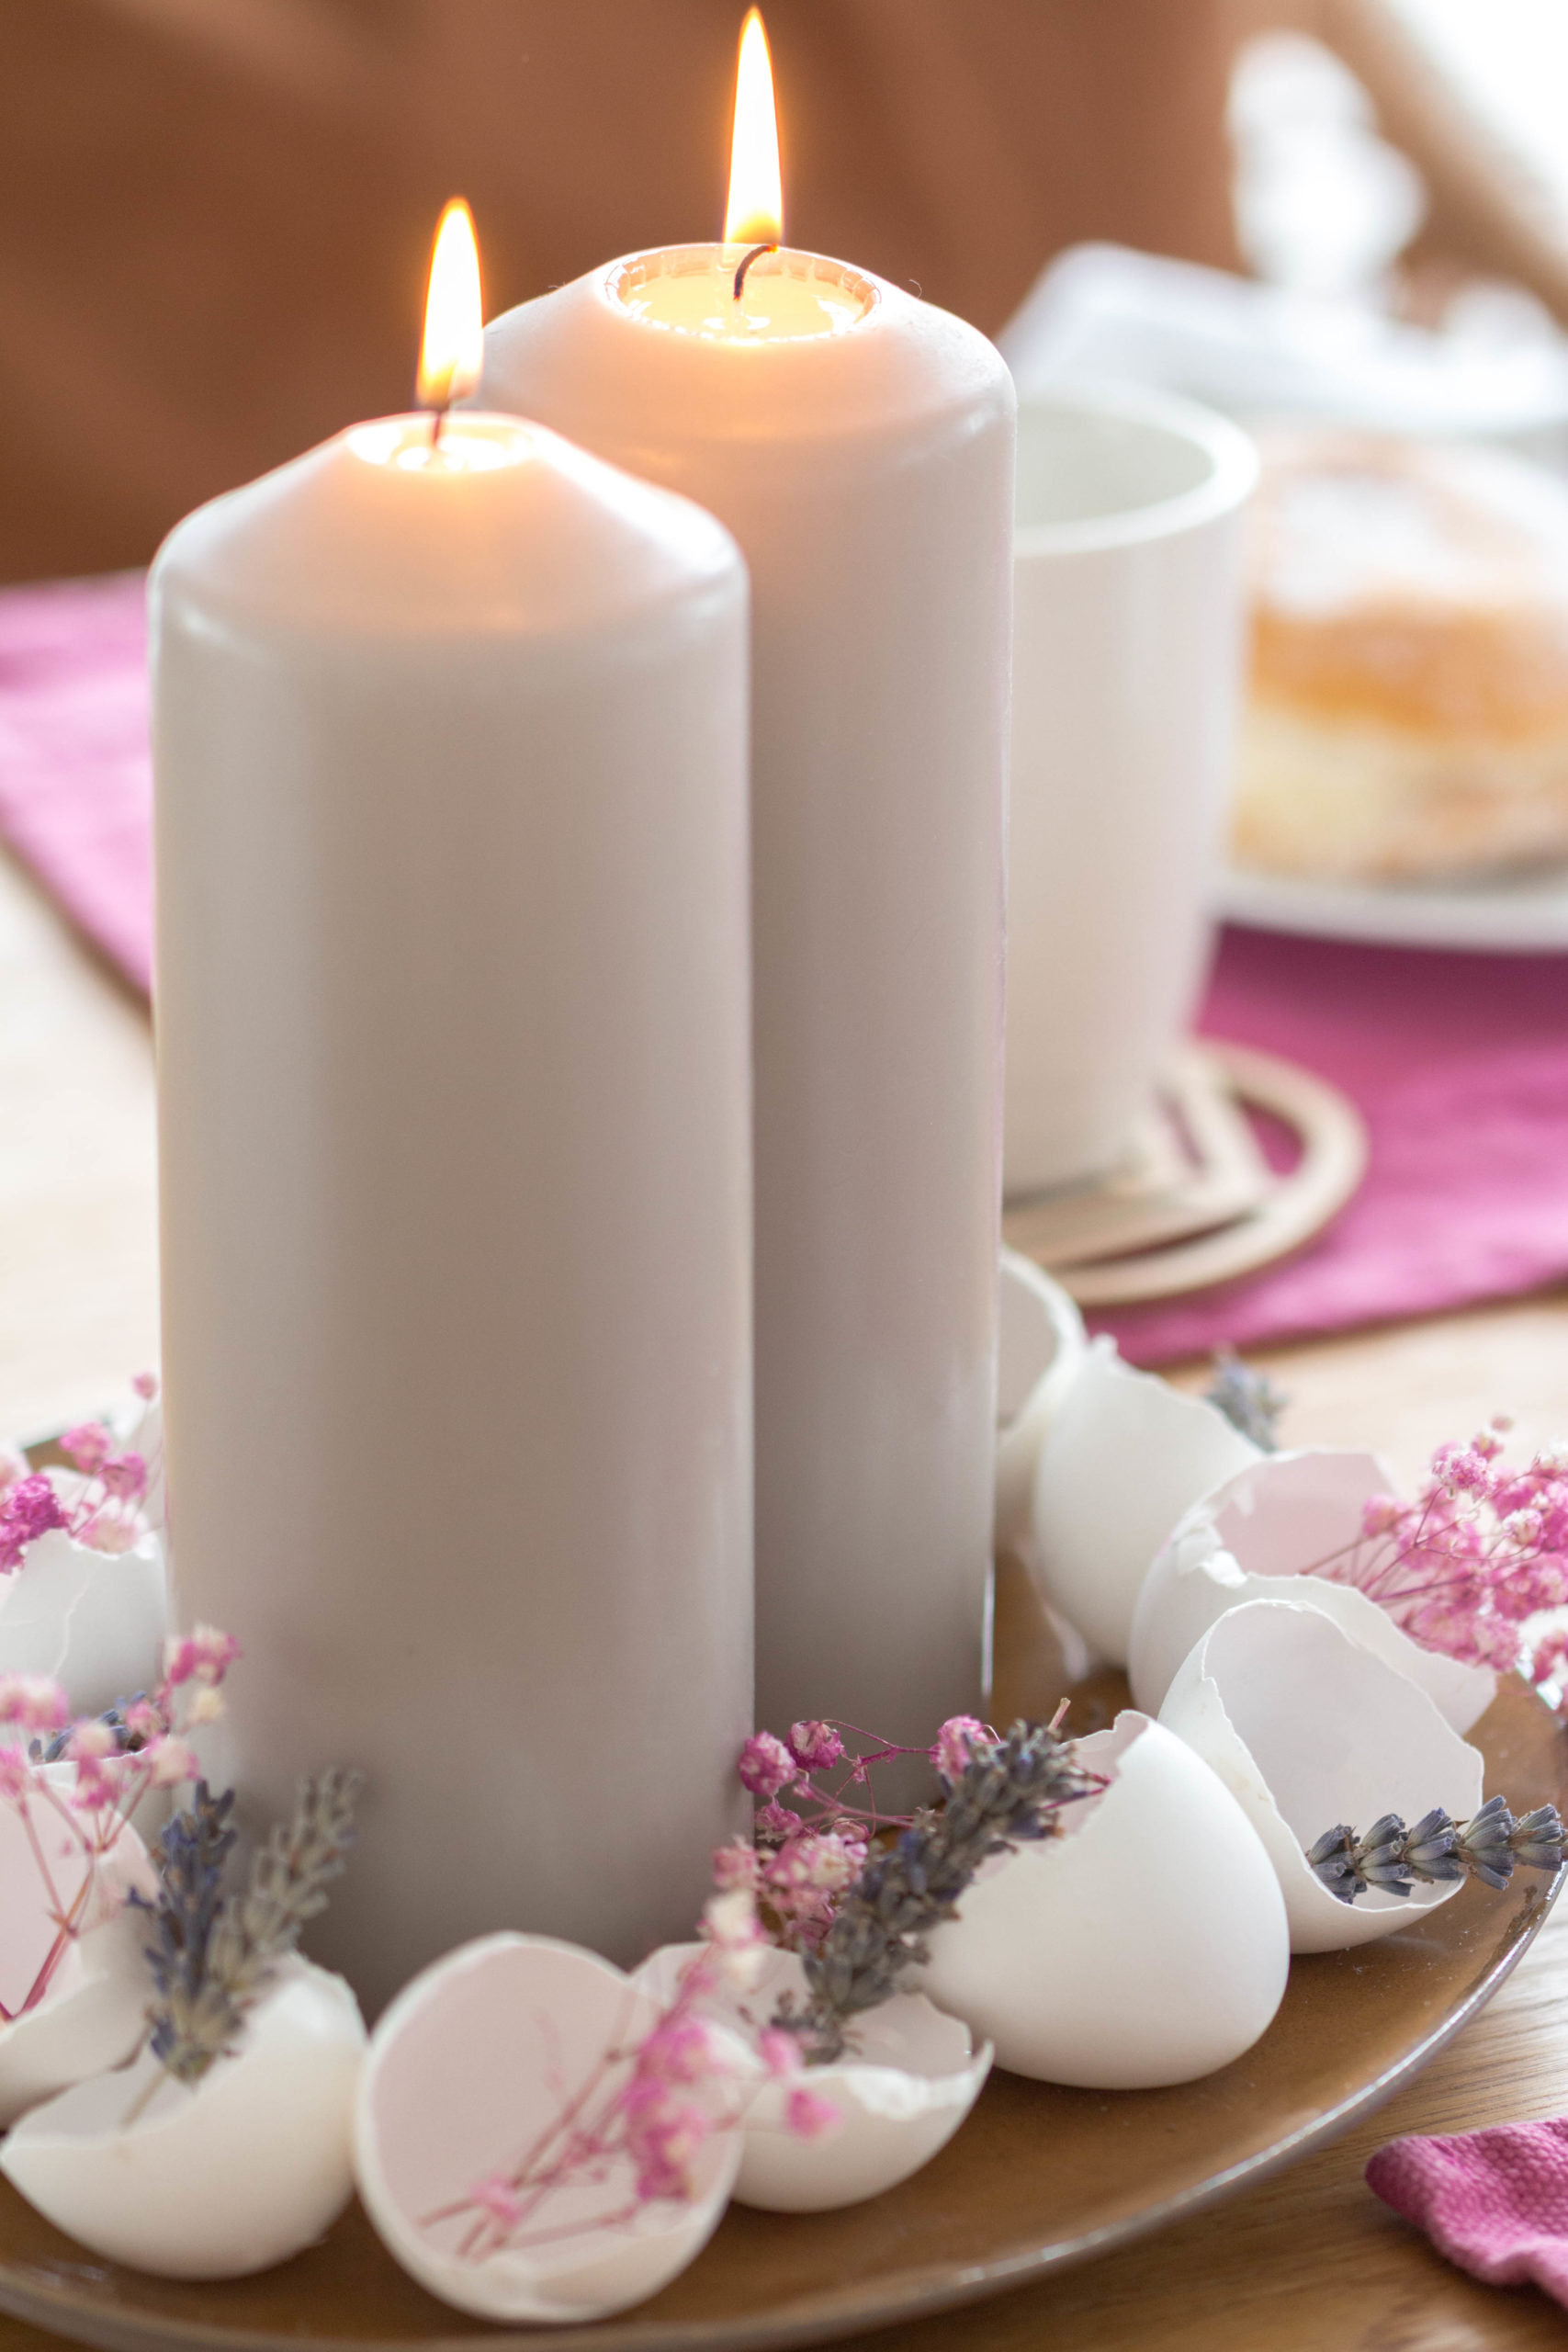 Schnelle Tischdeko für Ostern mit Eierschalen und Trockenblumen. #deko #ideen #ostern #frühling #eier #eierschalen #kerzen #blumen